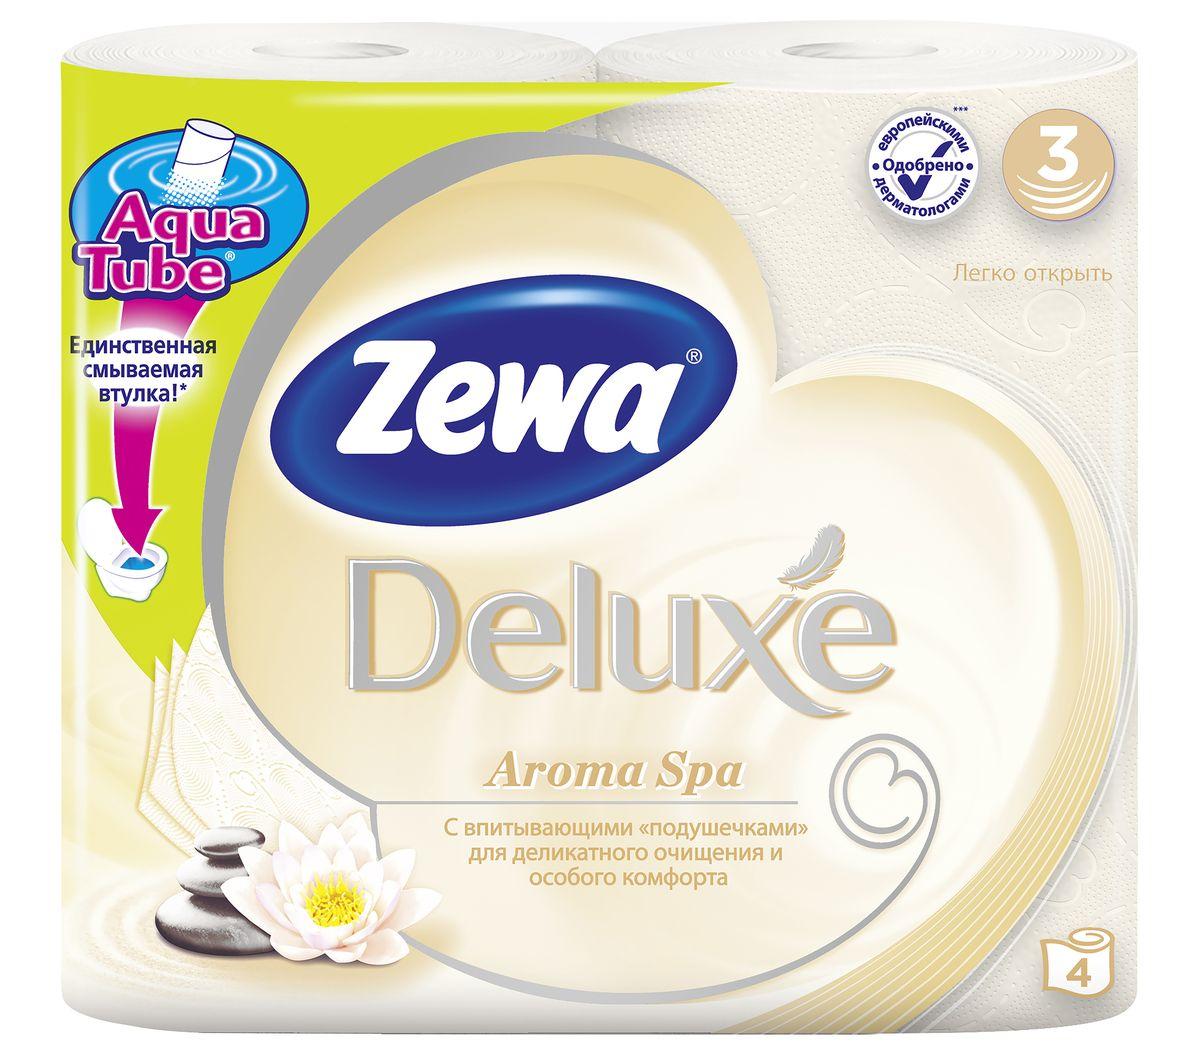 Туалетная бумага Zewa Deluxe АромаСпа, 3 слоя, 4 рулона5361-50Подарите себе удовольствие от ежедневного ухода за собой. Zewa Deluxe сновыми впитывающими подушечками деликатно очищает и нежно заботится о вашей коже.Мягкость, Забота, Комфорт – вашей коже это понравится!Сенсация! Со смываемой втулкой Aqua Tube!3-х слойная туалетная бумага цвета шампань с тонким ароматом ароматического масла4 рулона в упаковкеСостав: вторичное волокноПроизводство: Россия